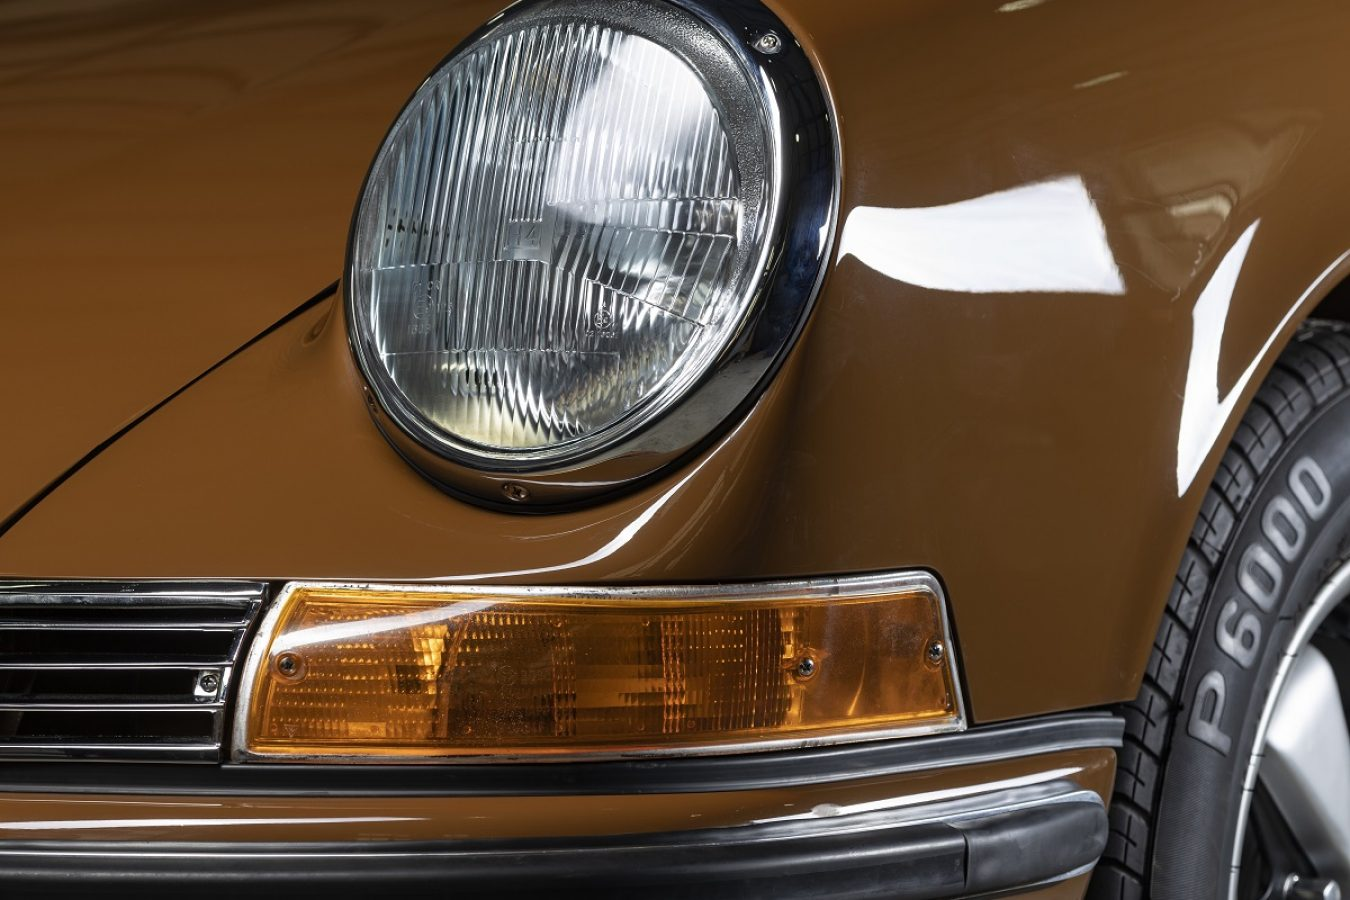 Sepiabraun 911E Targa aus 1969